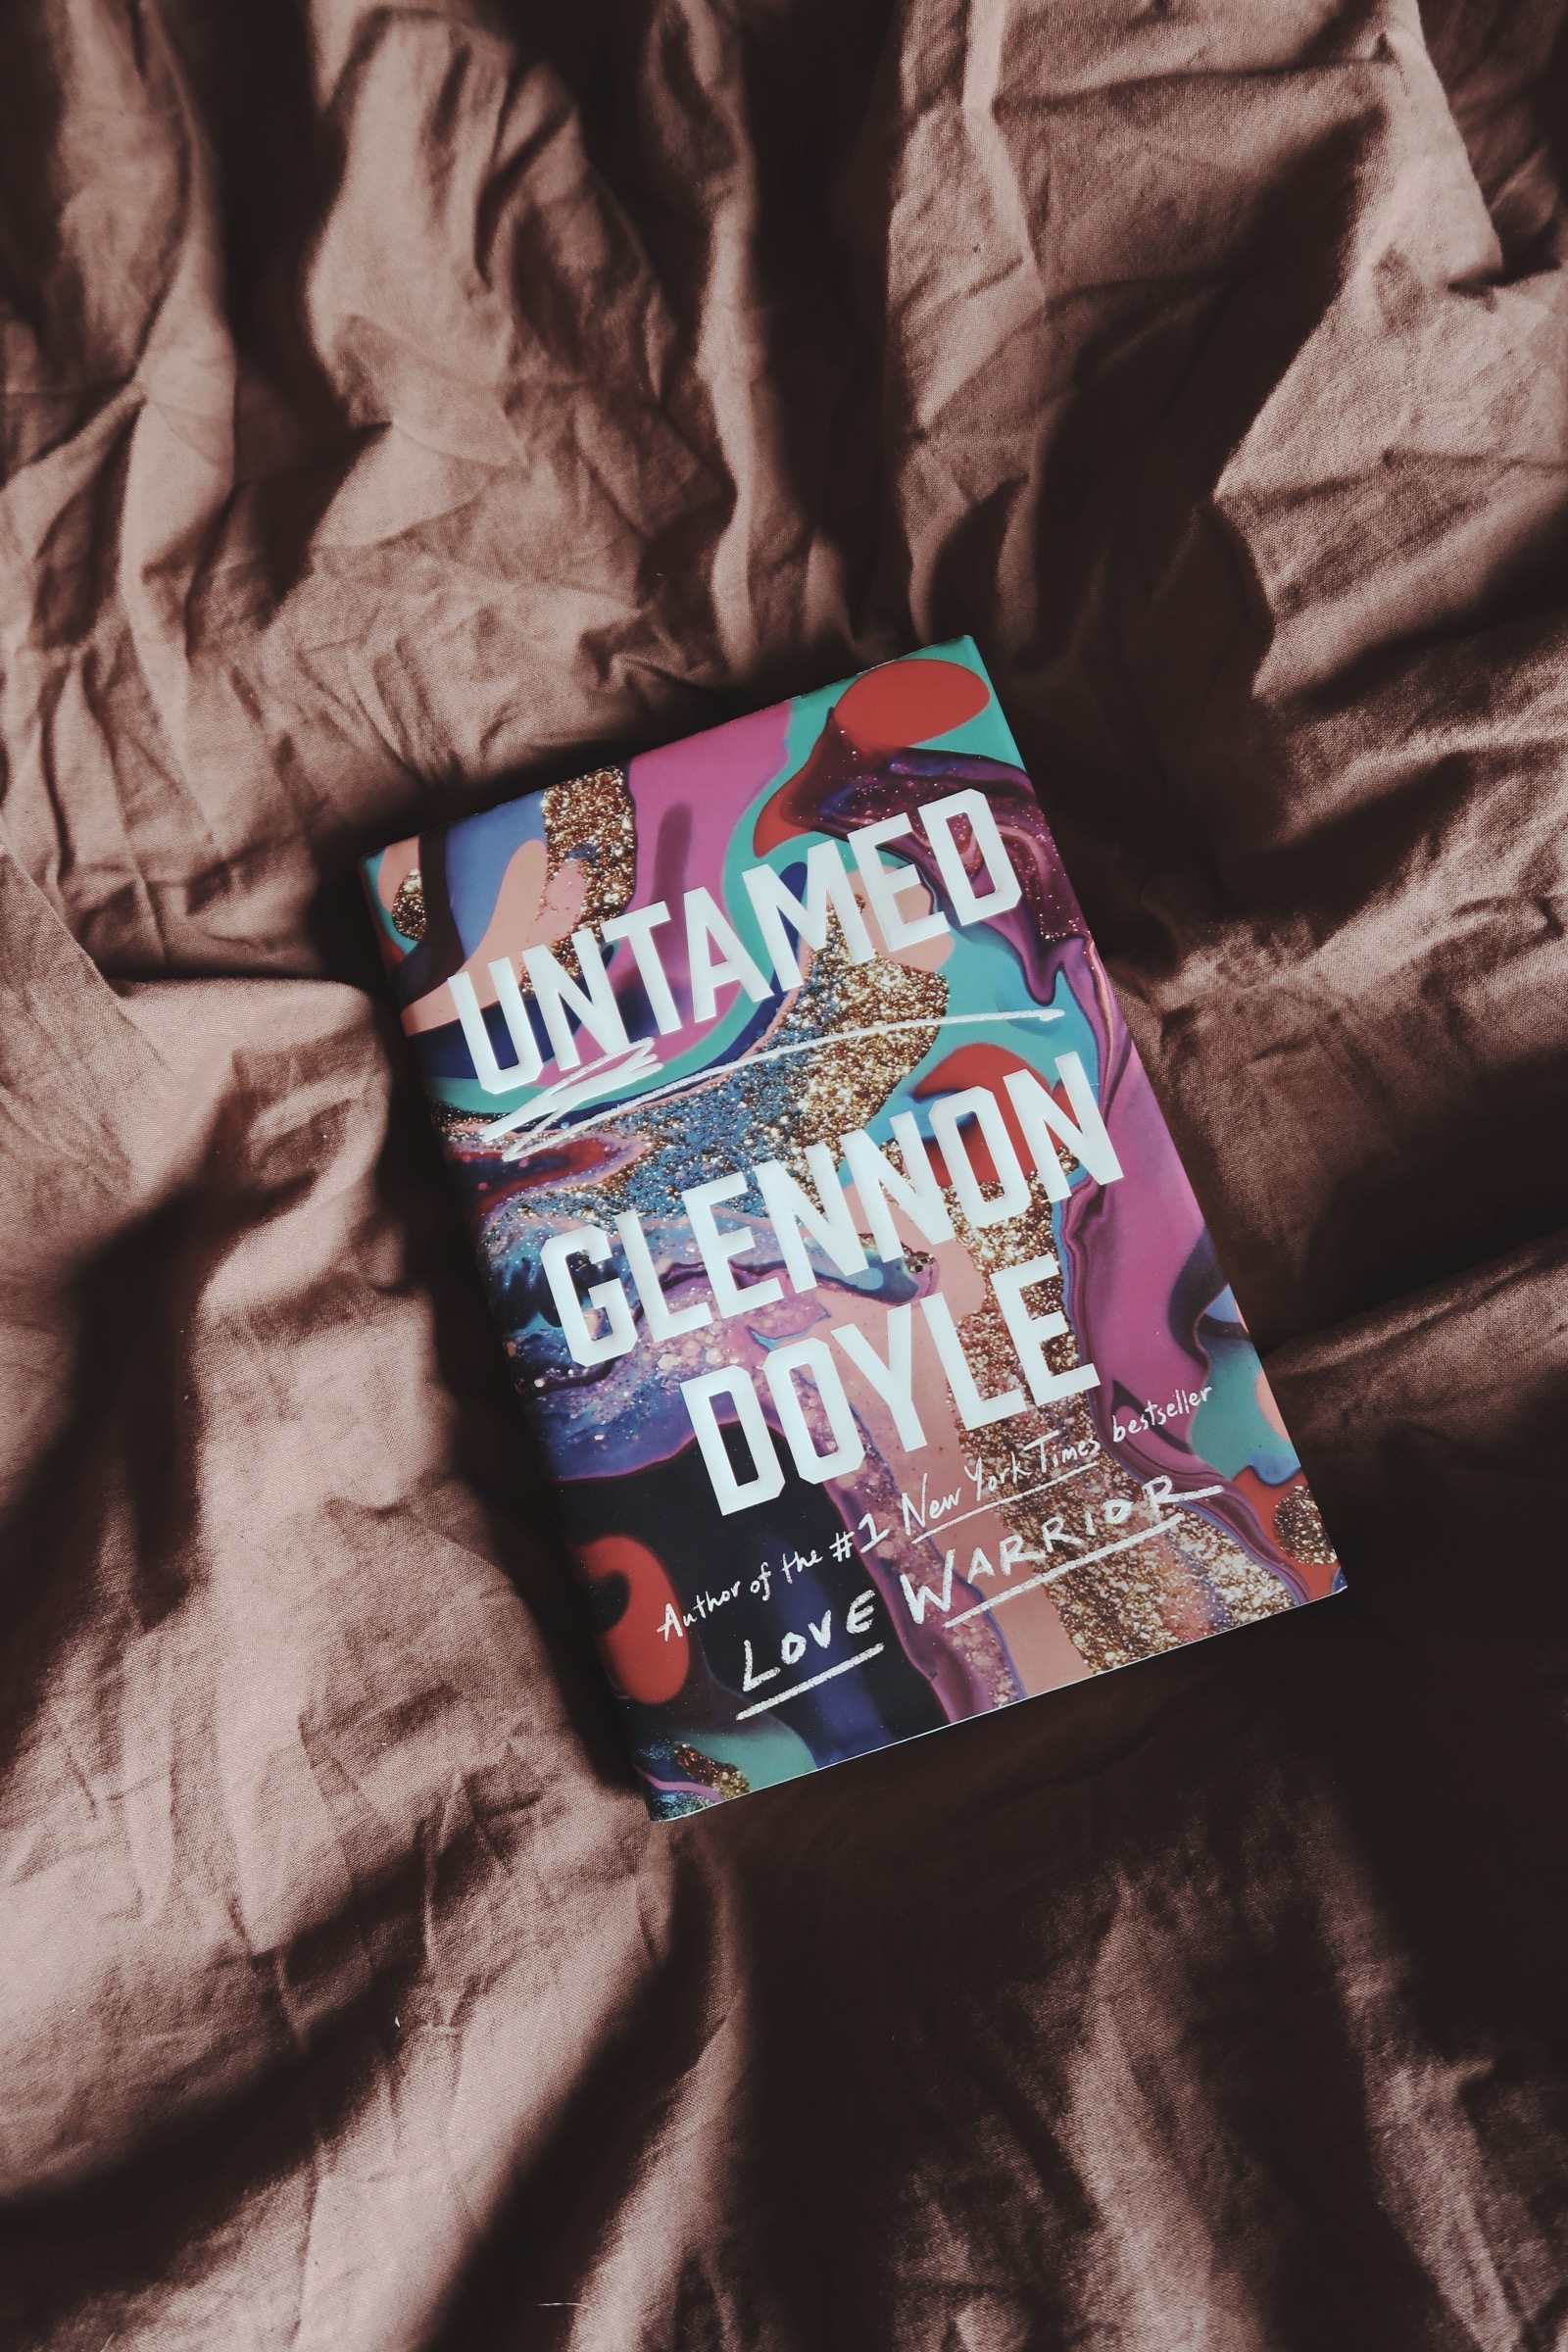 Untamed av Glennon Doyle